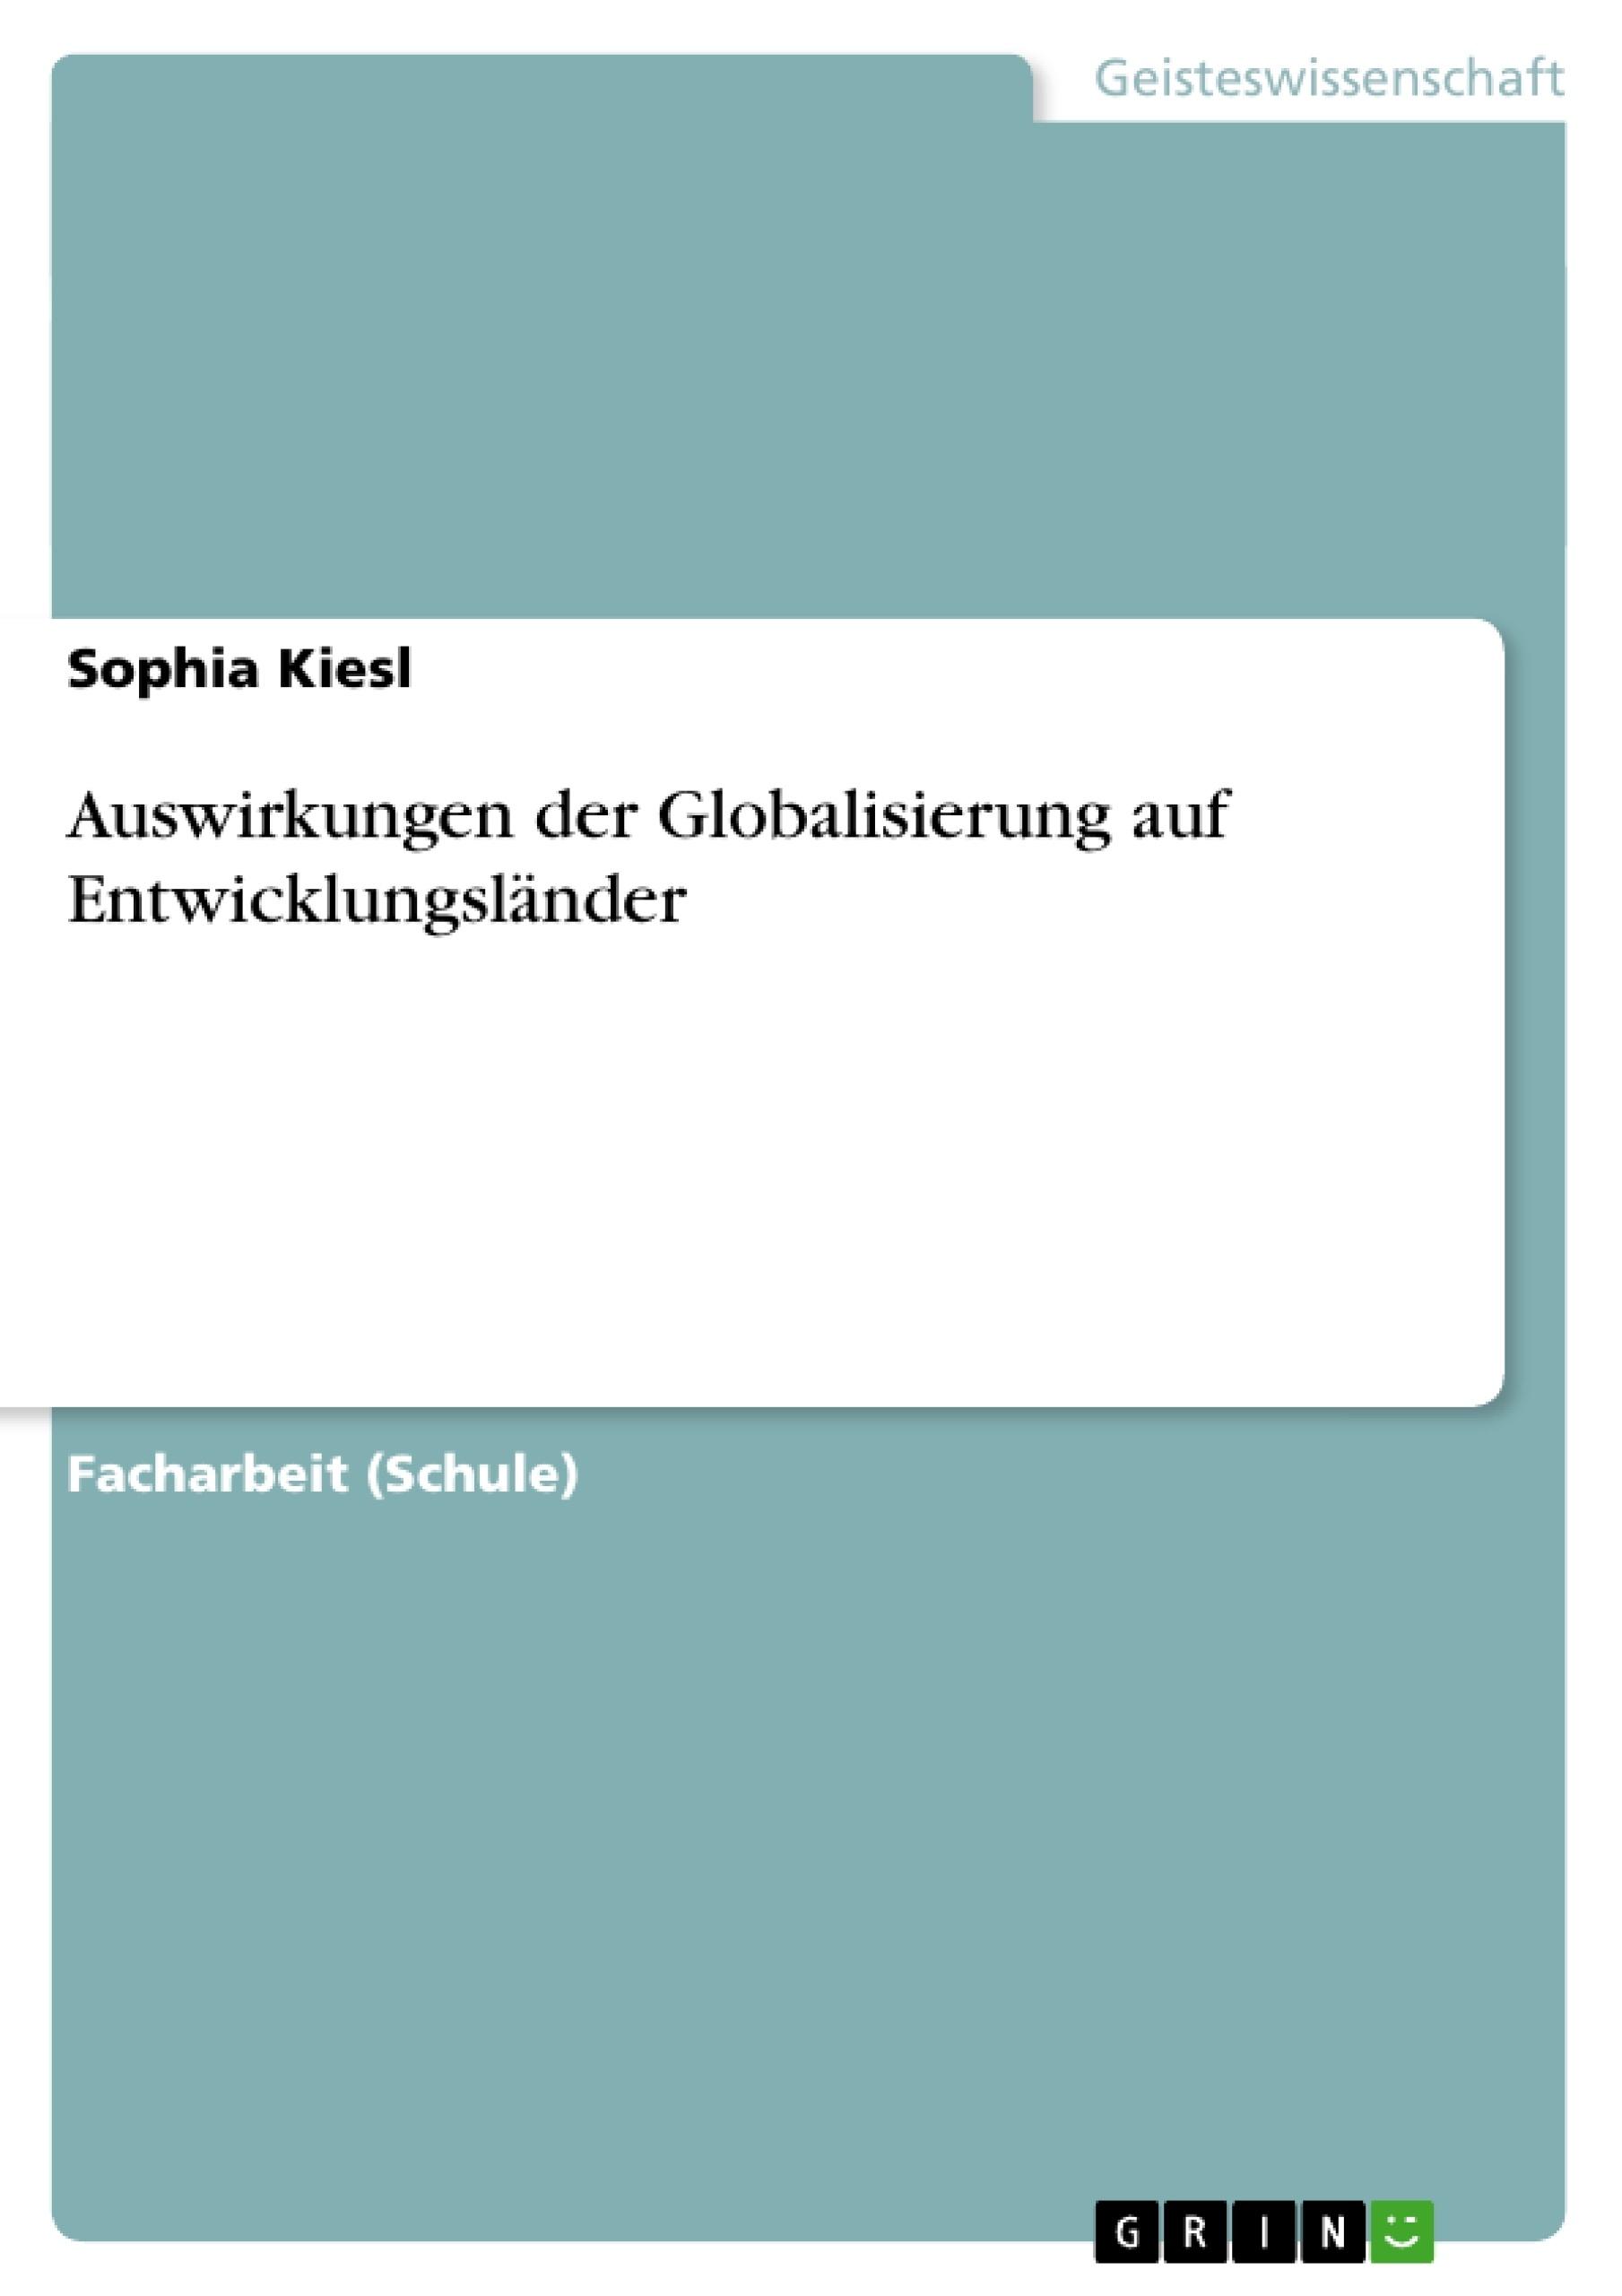 Titel: Auswirkungen der Globalisierung auf Entwicklungsländer